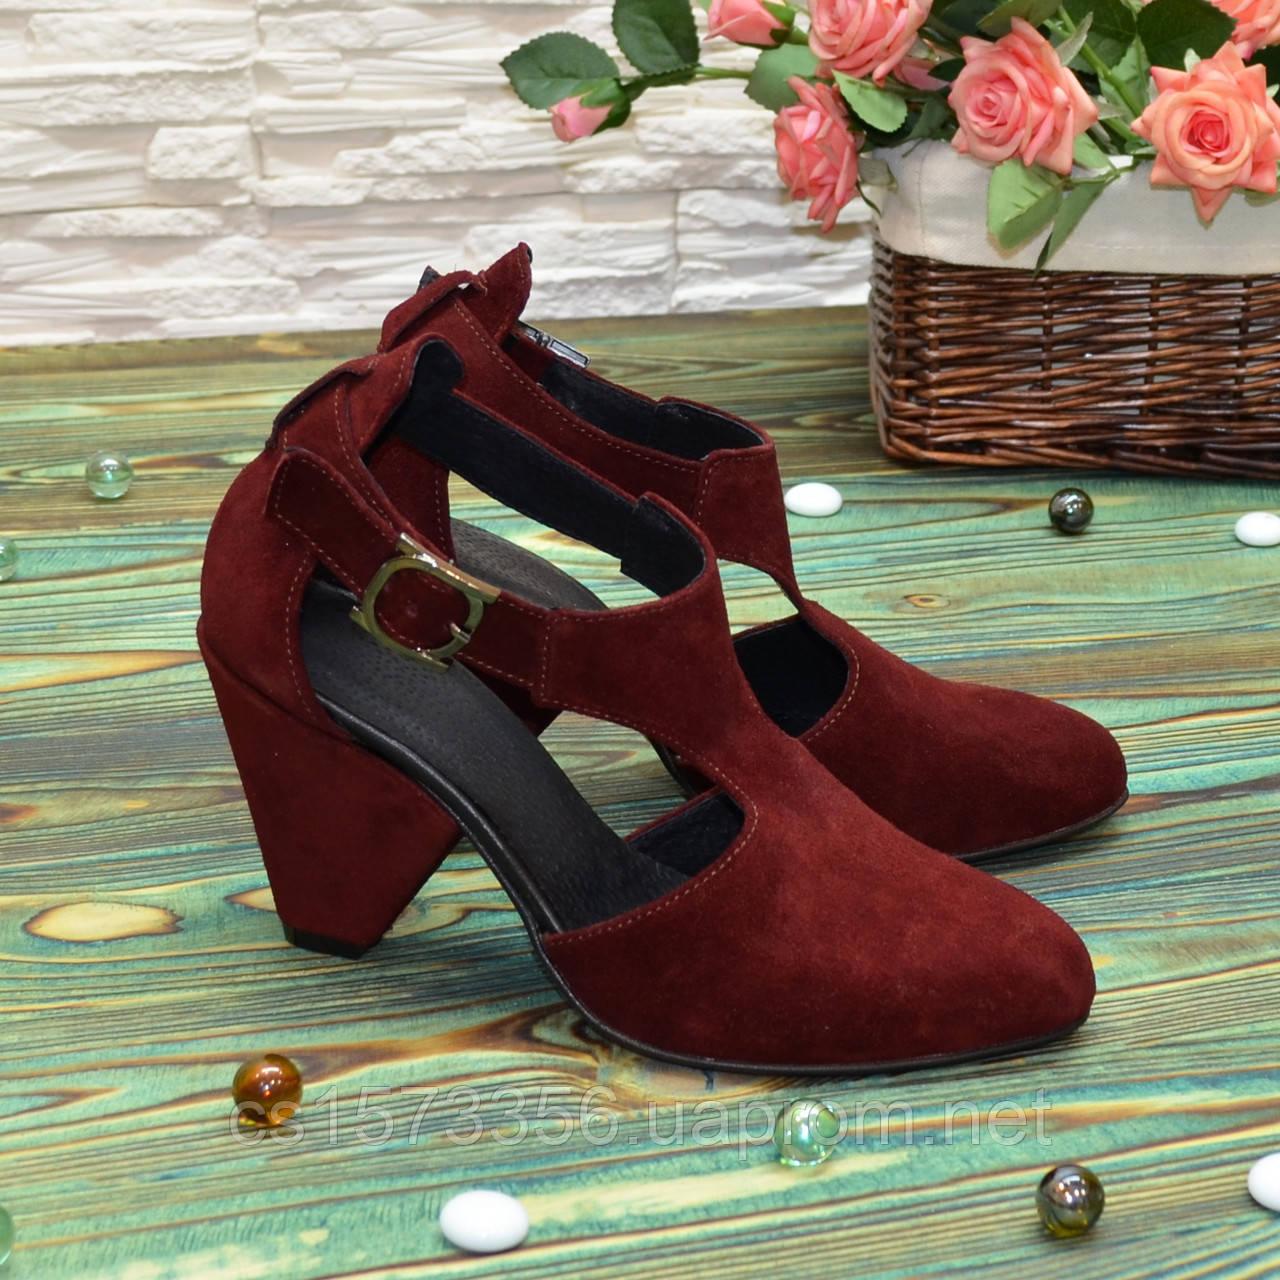 Туфли женские замшевые на устойчивом каблуке, цвет бордо